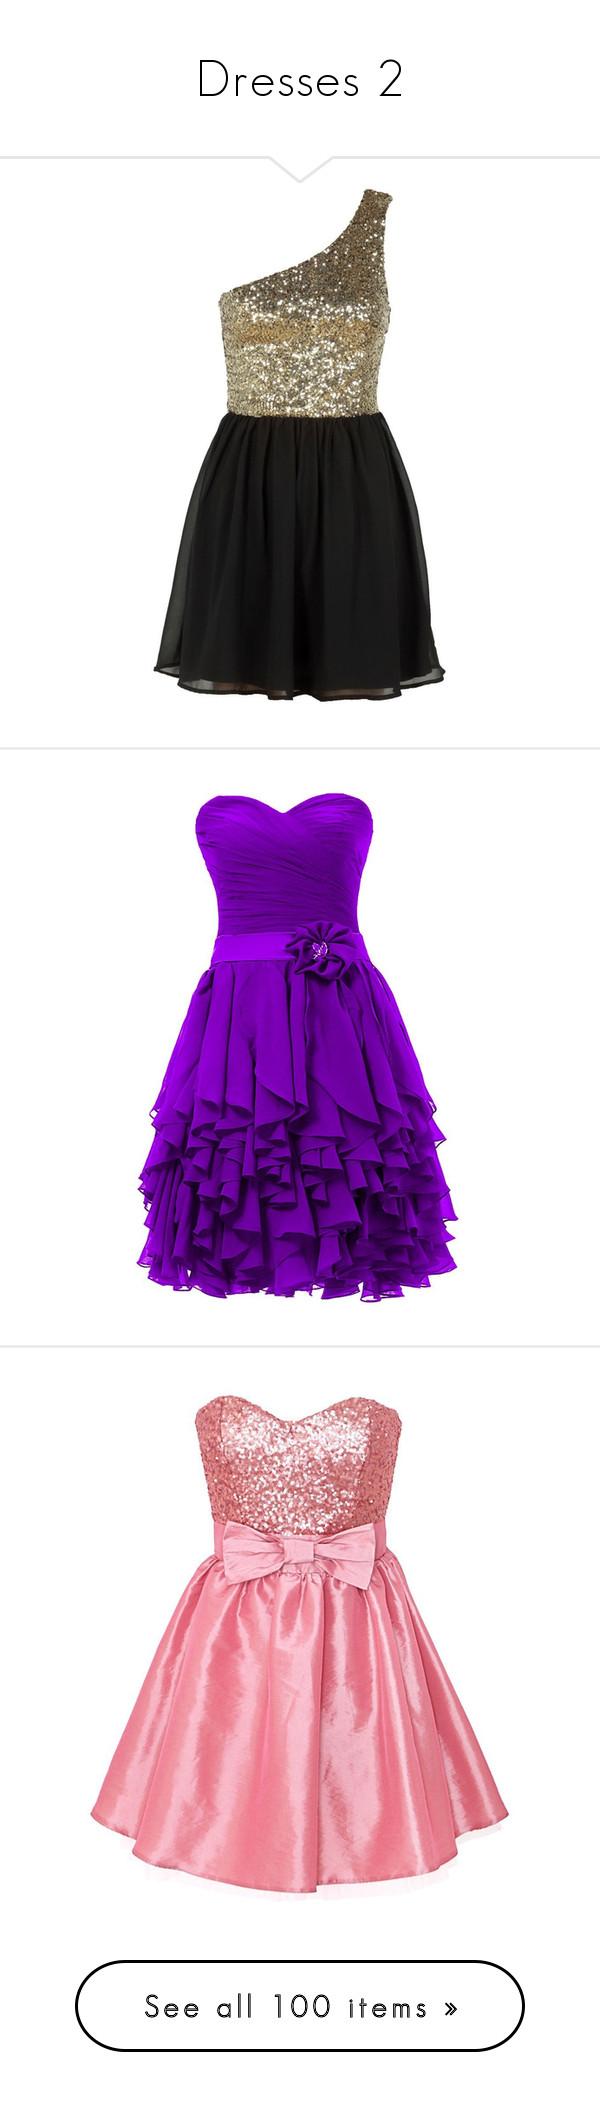 Dresses 2\